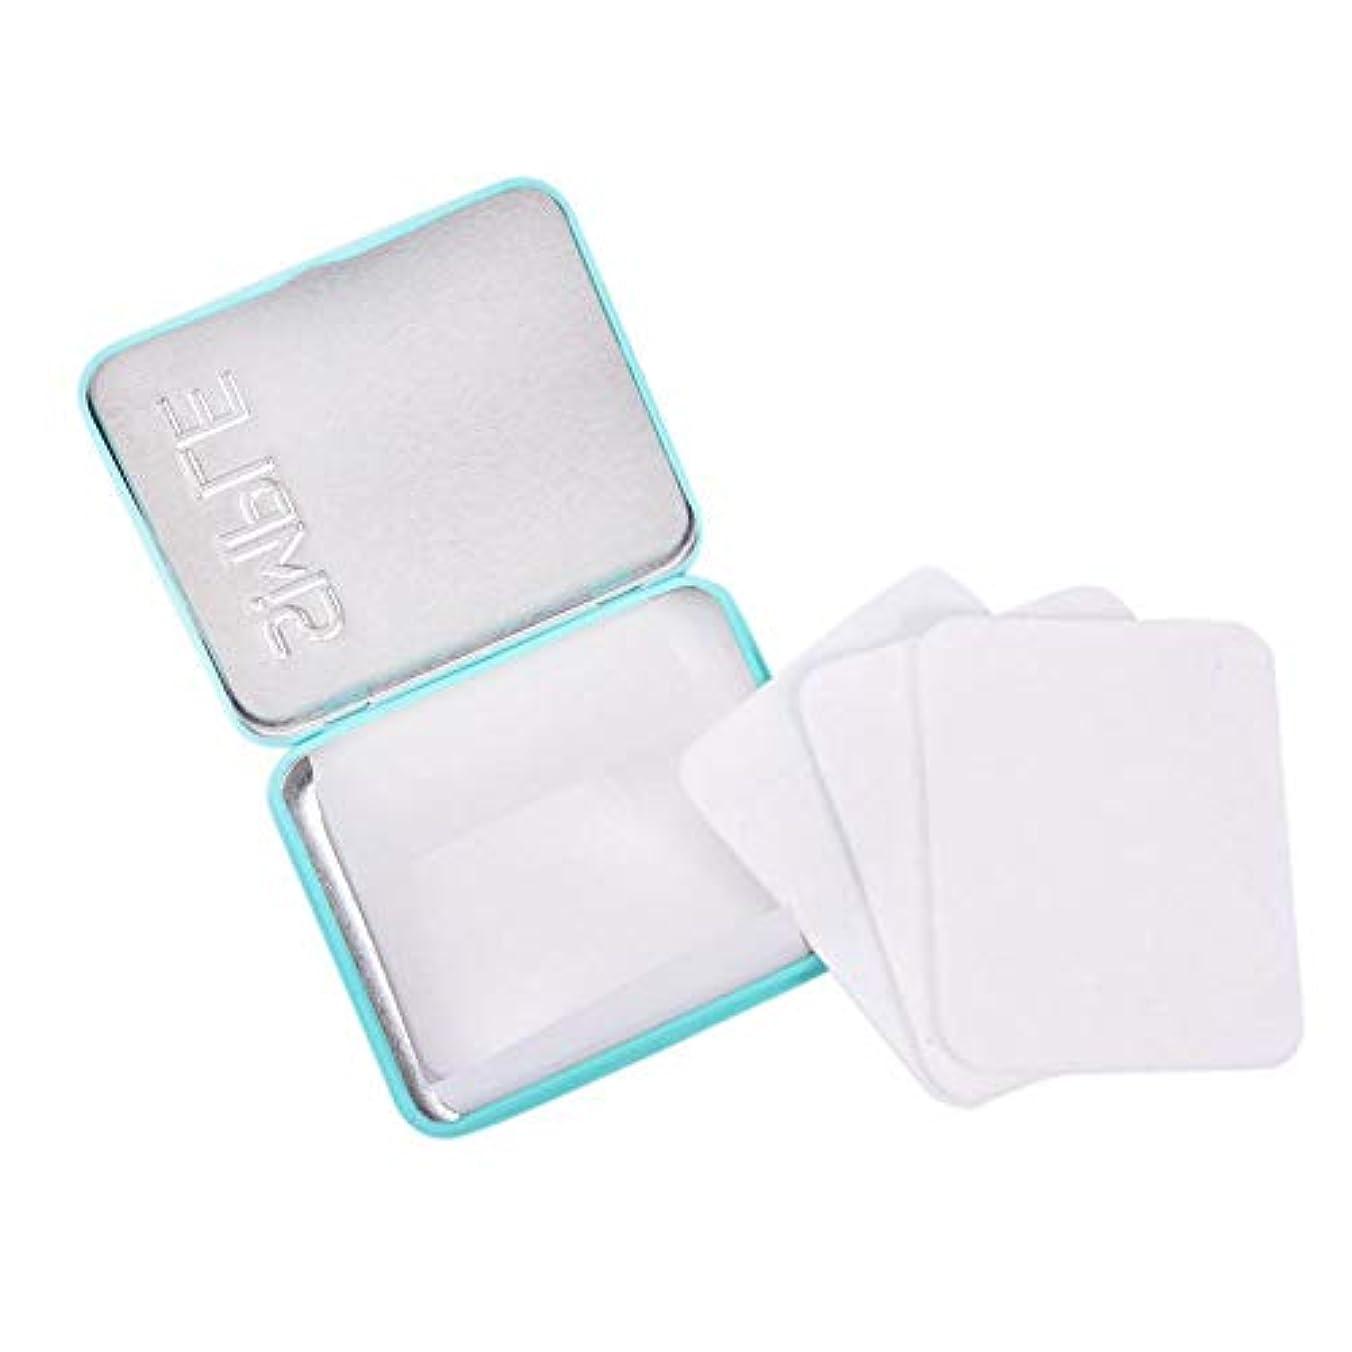 キュービックお尻夜洗える化粧除去パッド 10個入りソフトクリーニングコットンラウンド化粧品洗顔料クリーニングコットンパッド 化粧道具